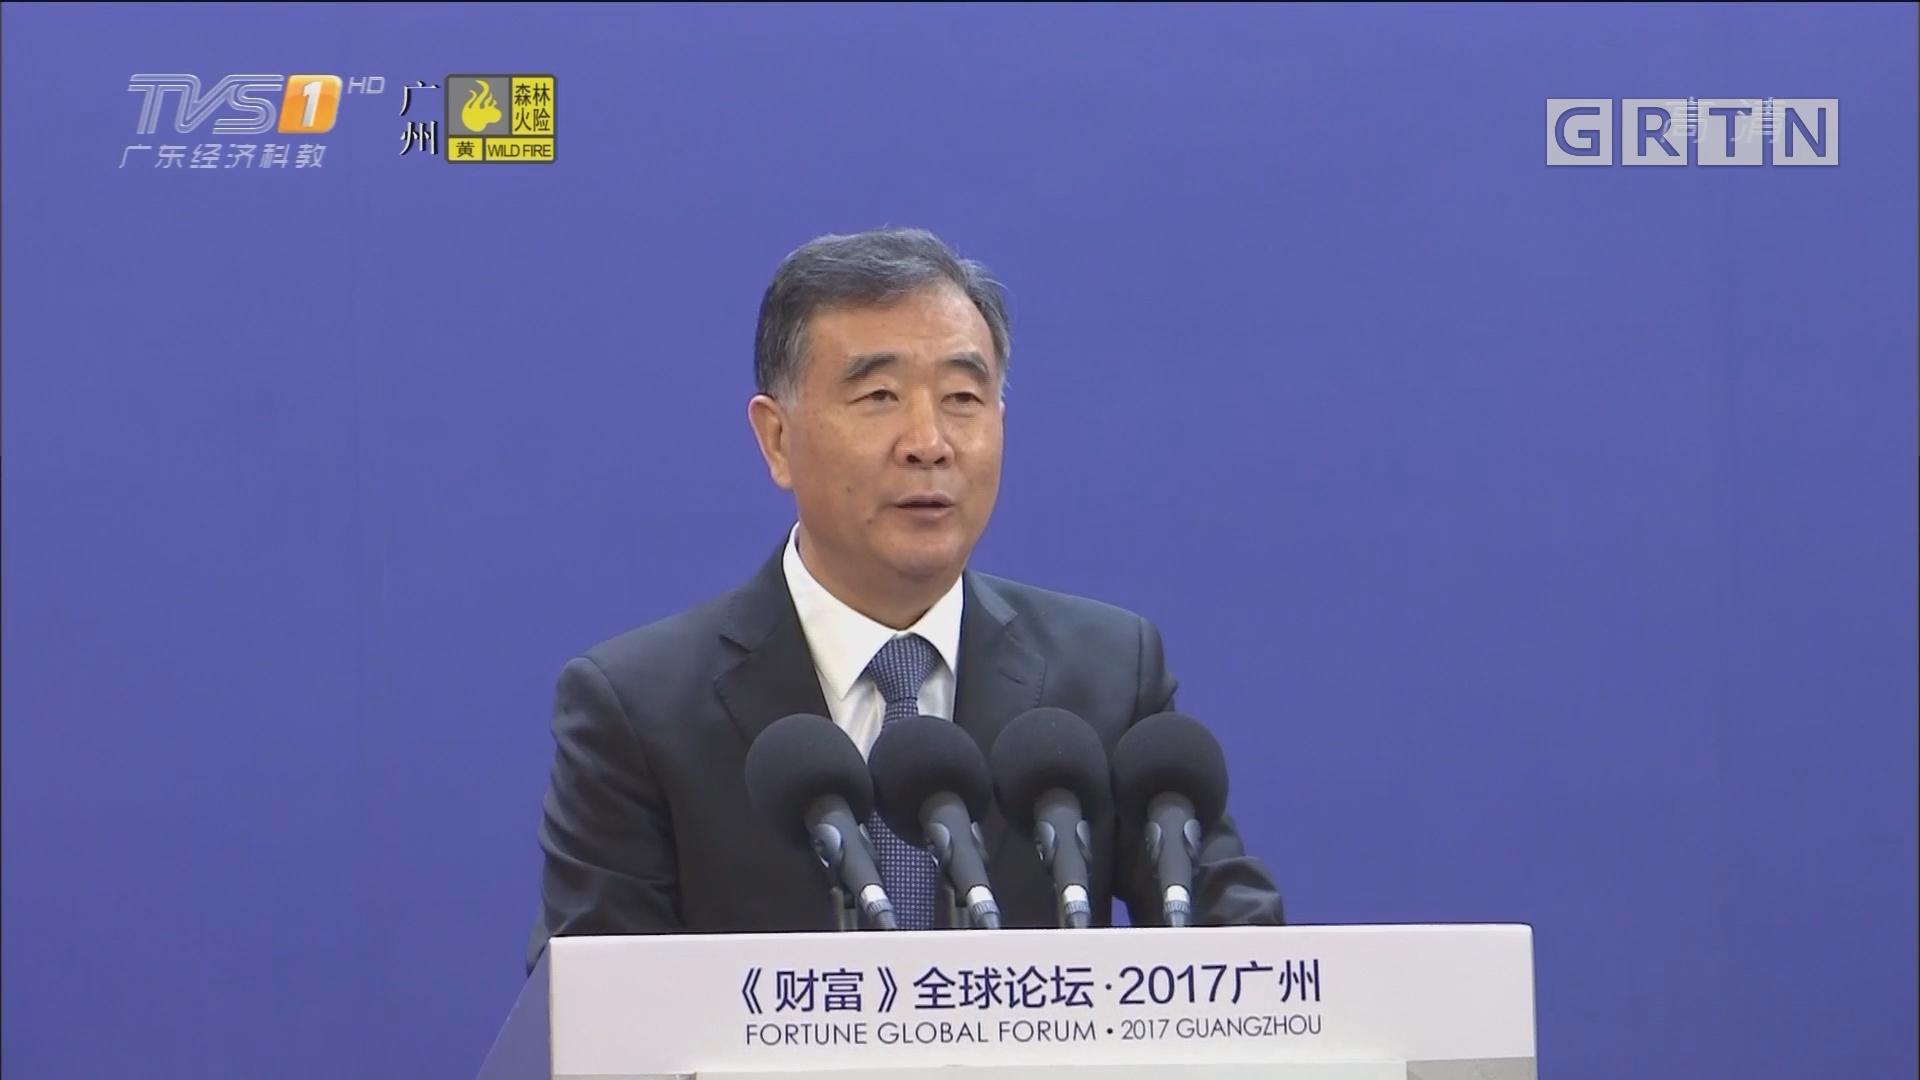 国务院副总理汪洋出席2017年广州《财富》全球论坛开幕式并发表主旨演讲